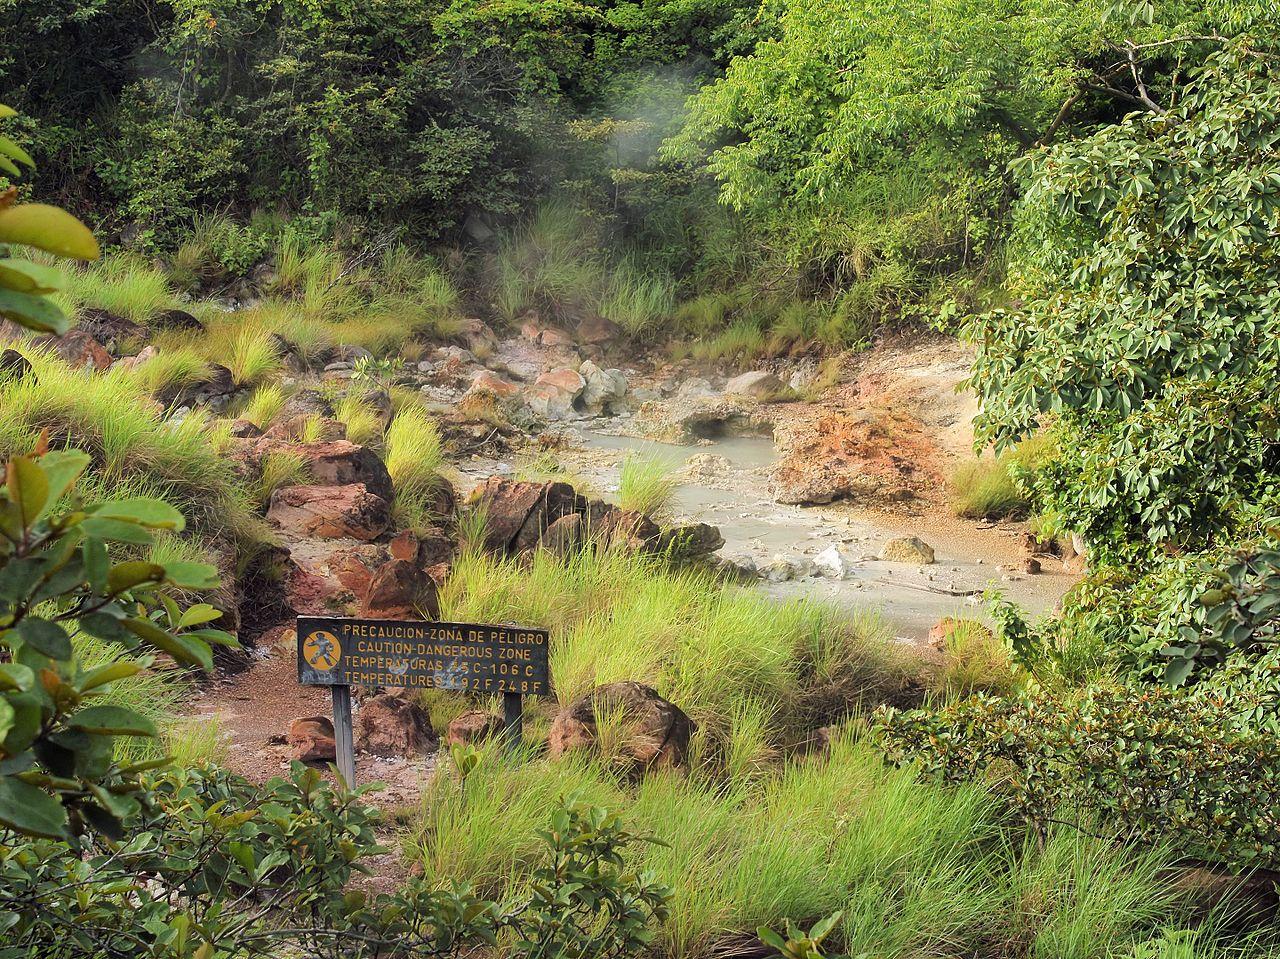 Rincon de la Vieja National Park trails